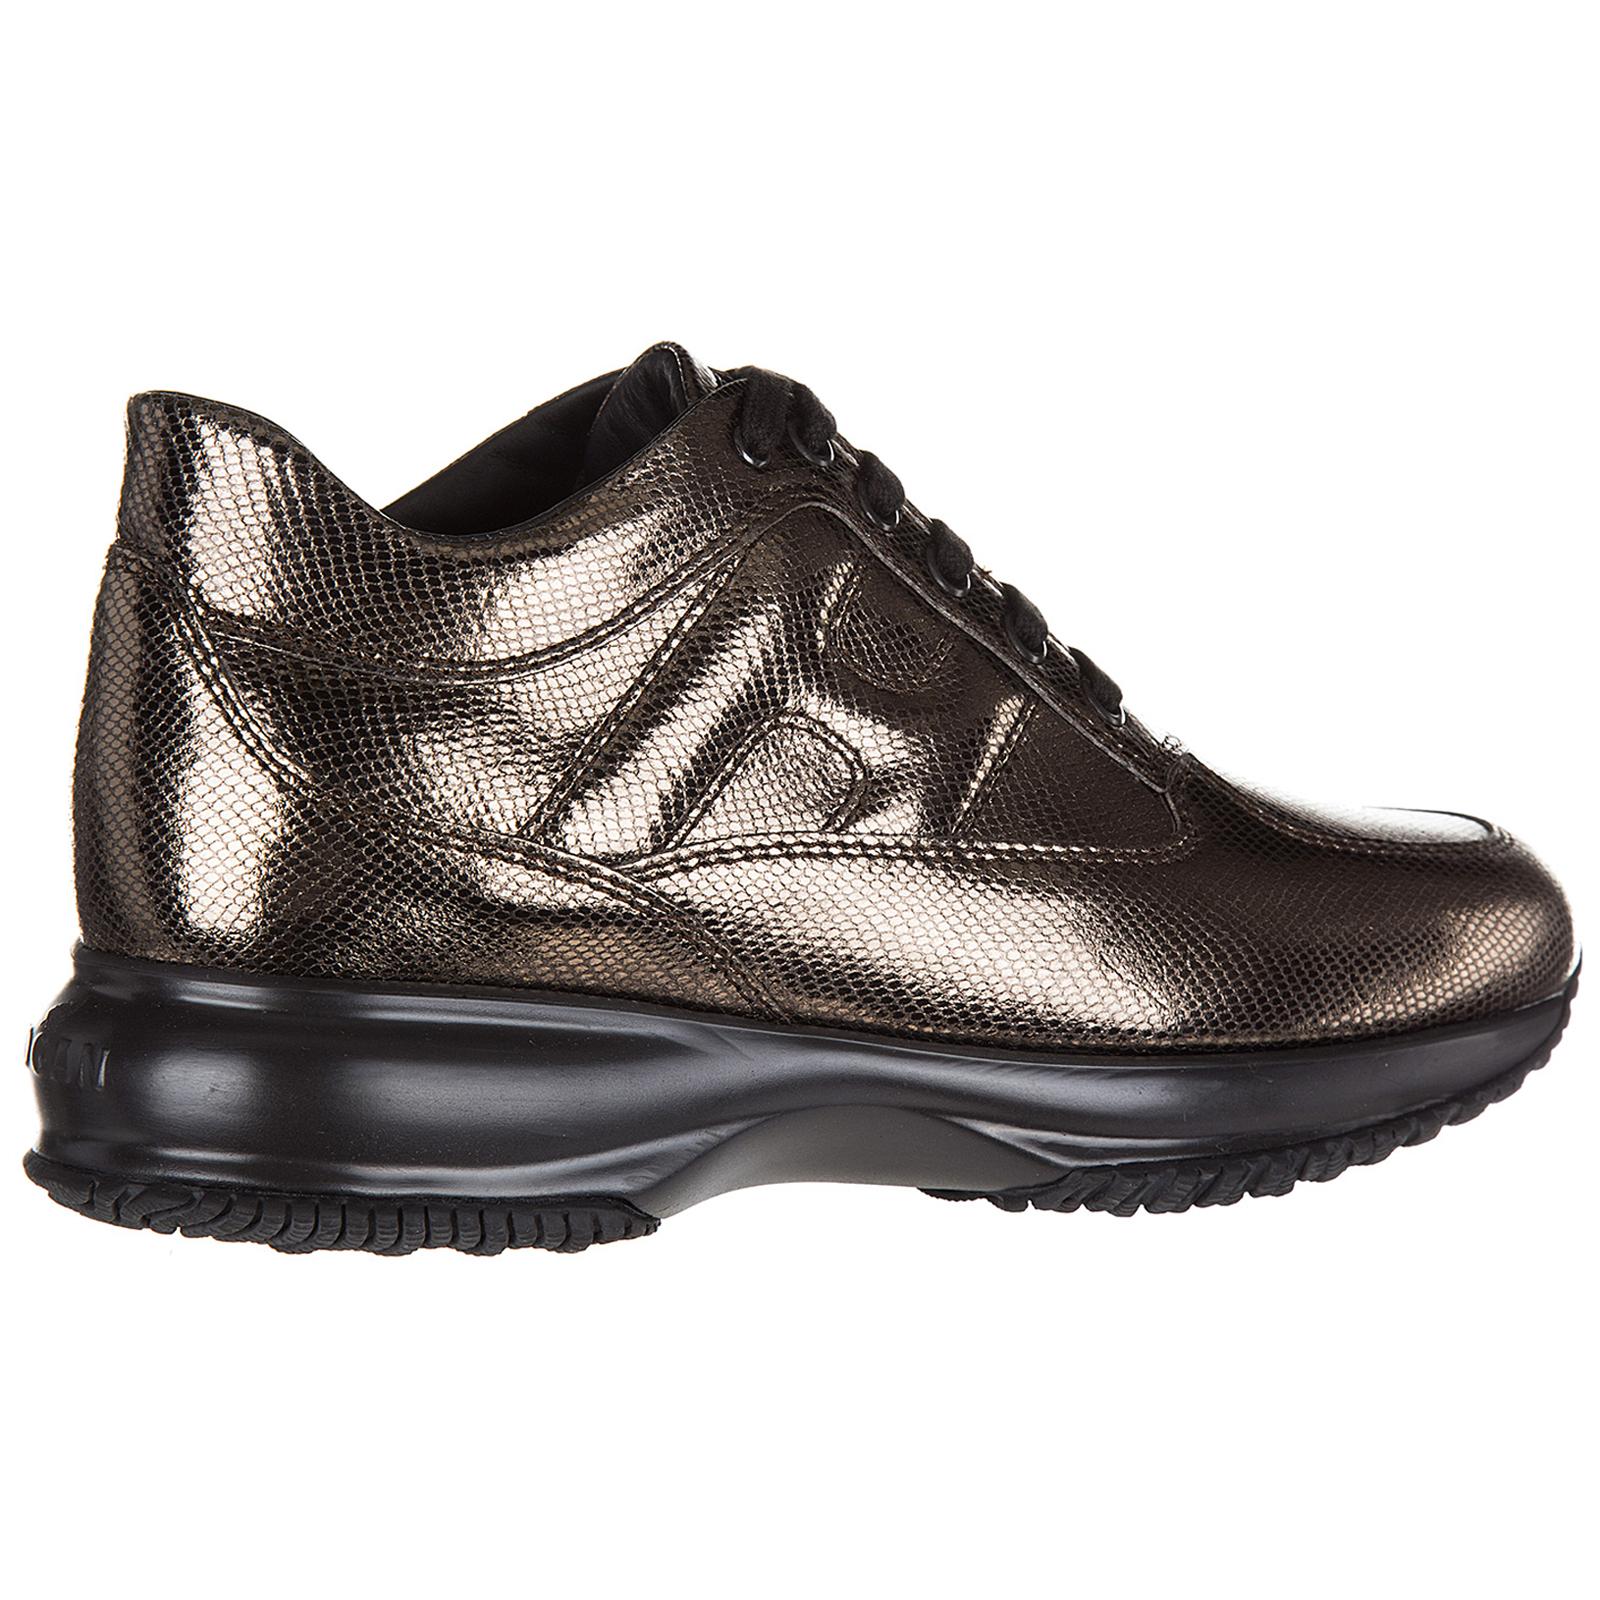 dfb5ae351b0f5 ... Scarpe sneakers donna in pelle interactive allacciata ...